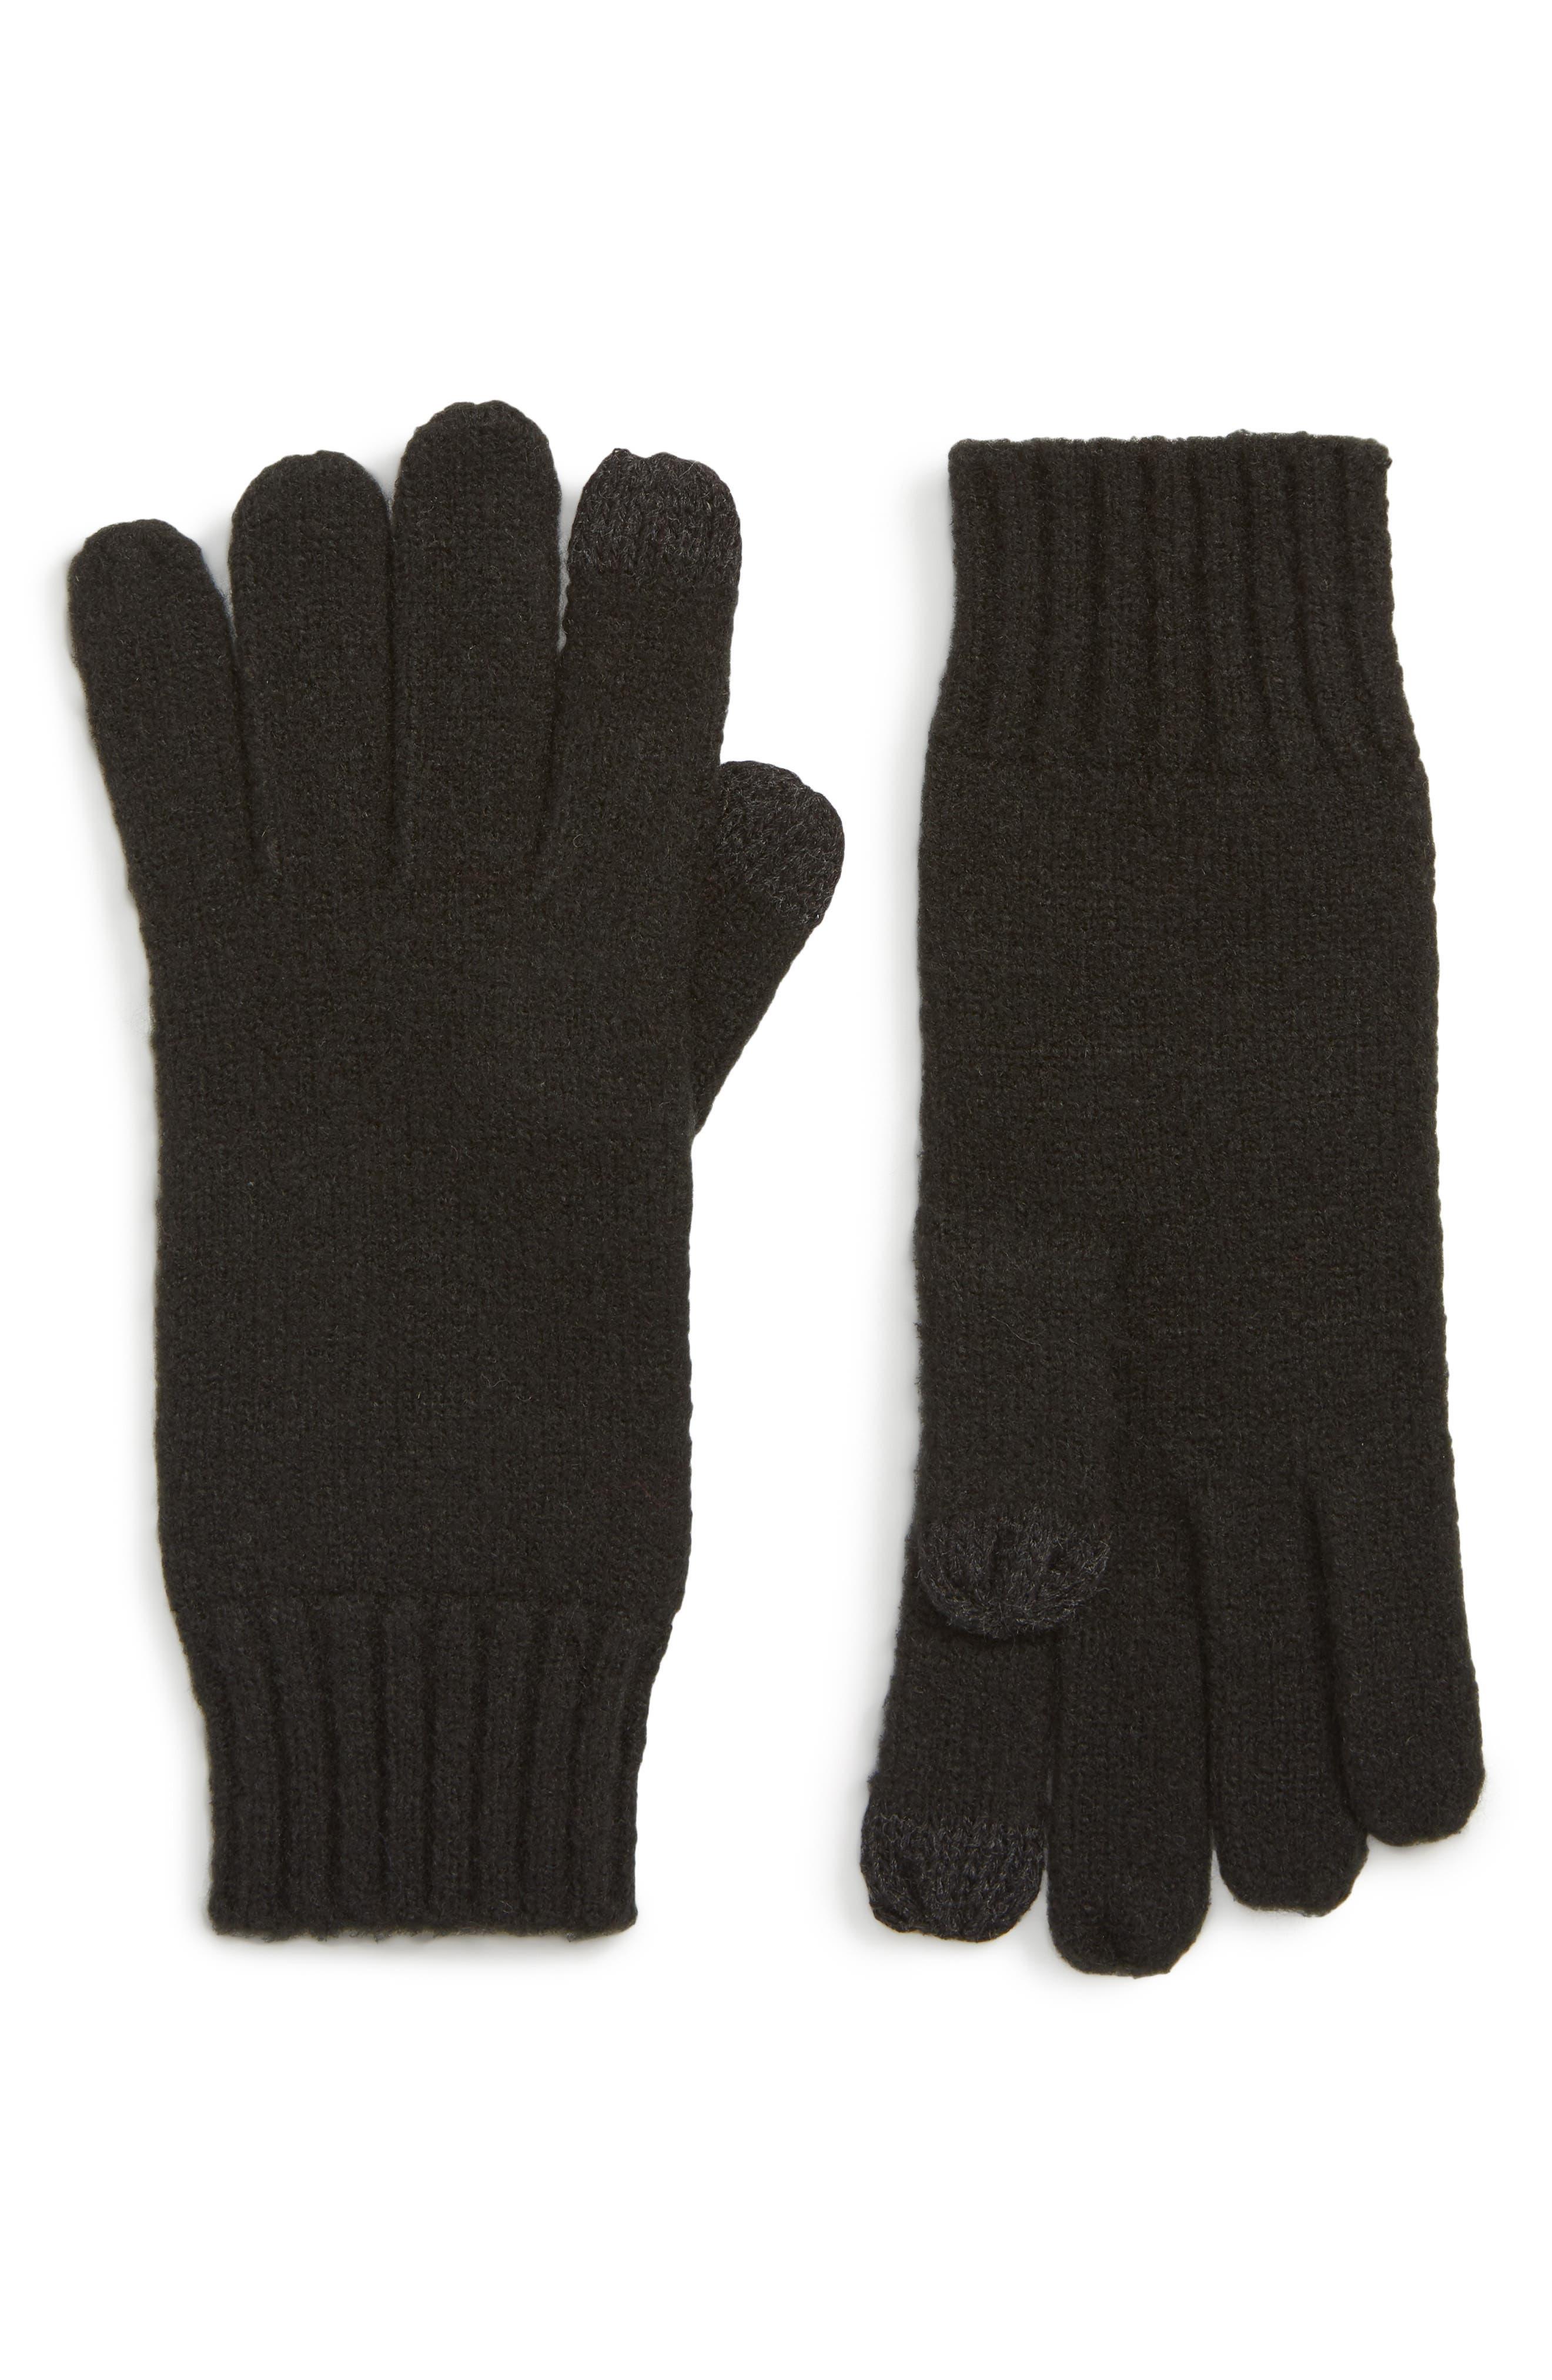 Knit Tech Gloves,                         Main,                         color, BLACK